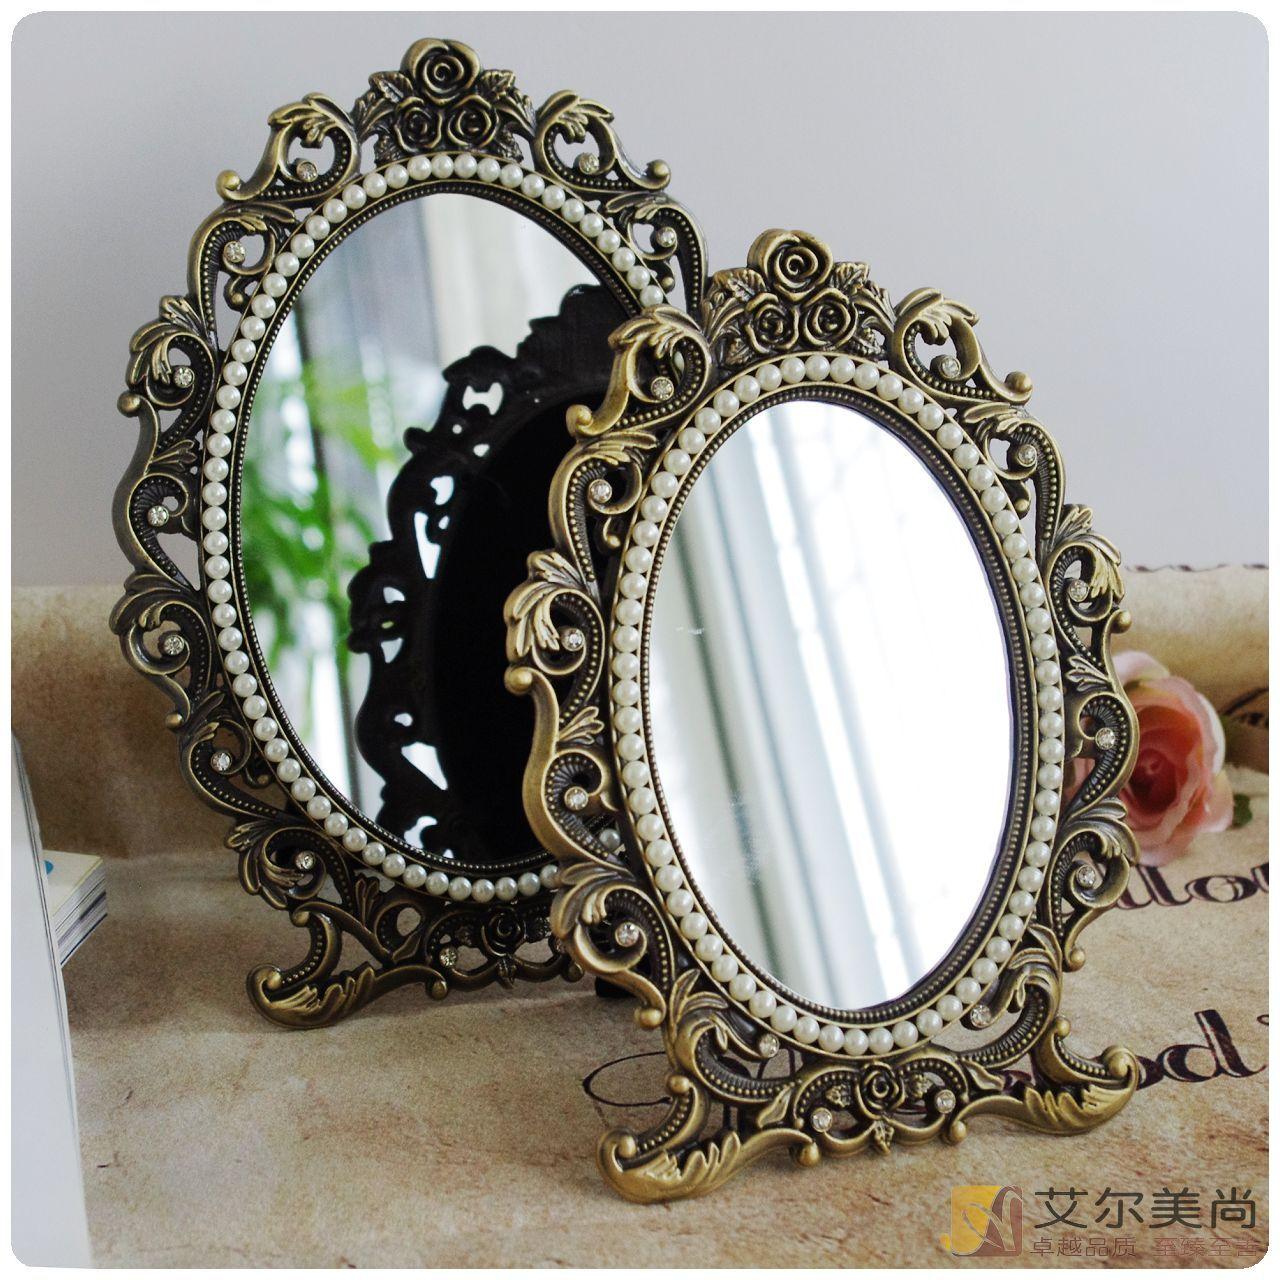 Континентальный классическая ретро меди палитра зеркало рабочий стол рабочий стол зеркало косметическое зеркало anna sui принцесса соус зеркало почта